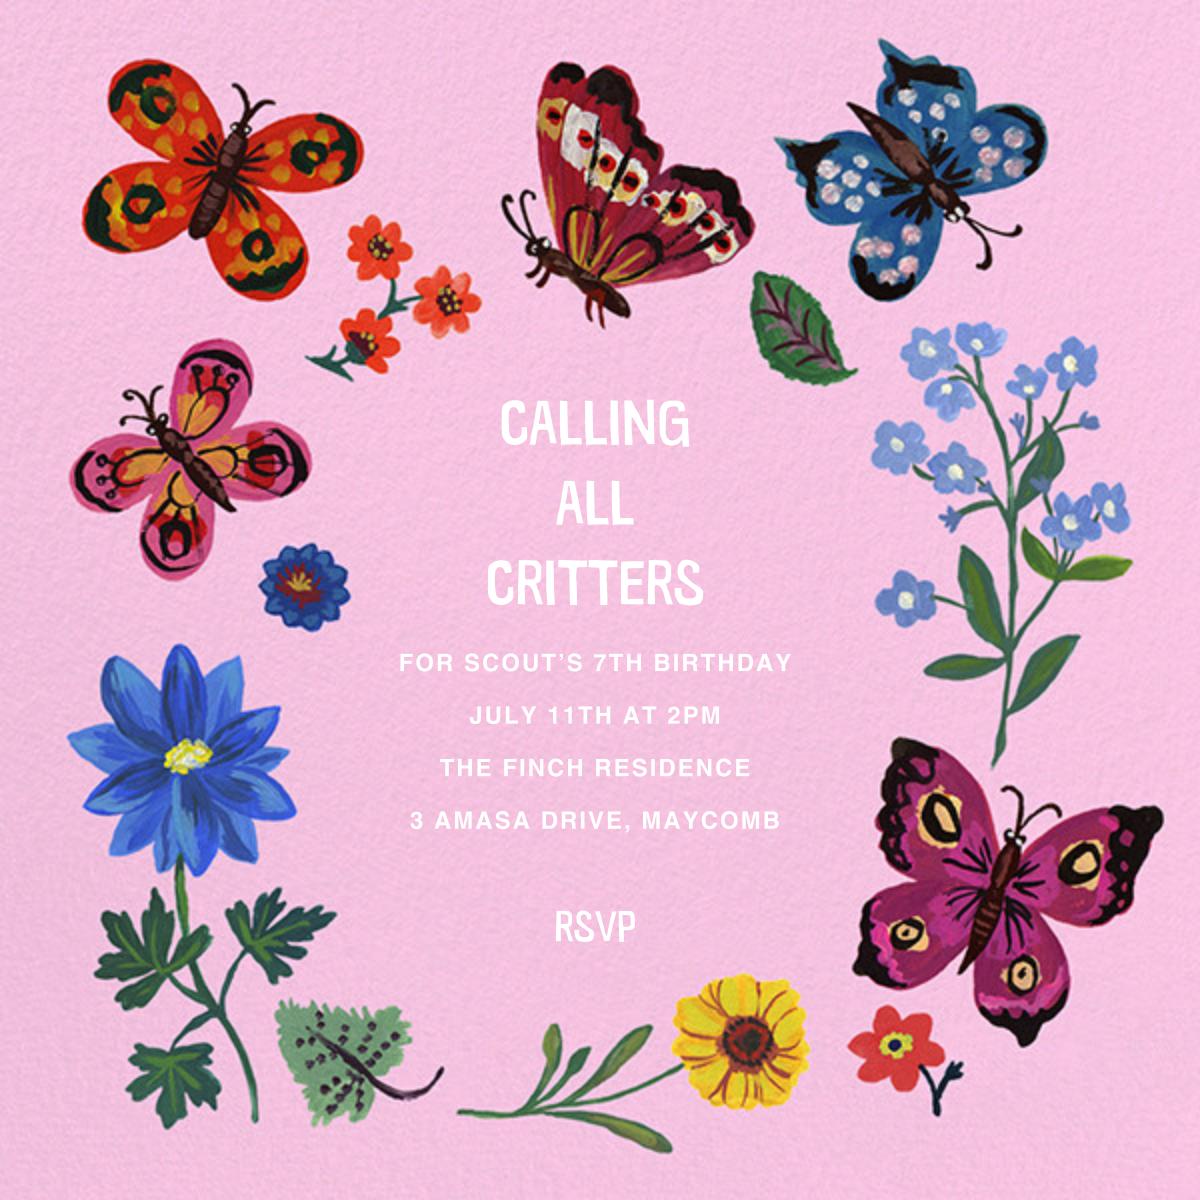 Papillons - Carnation - Nathalie Lété